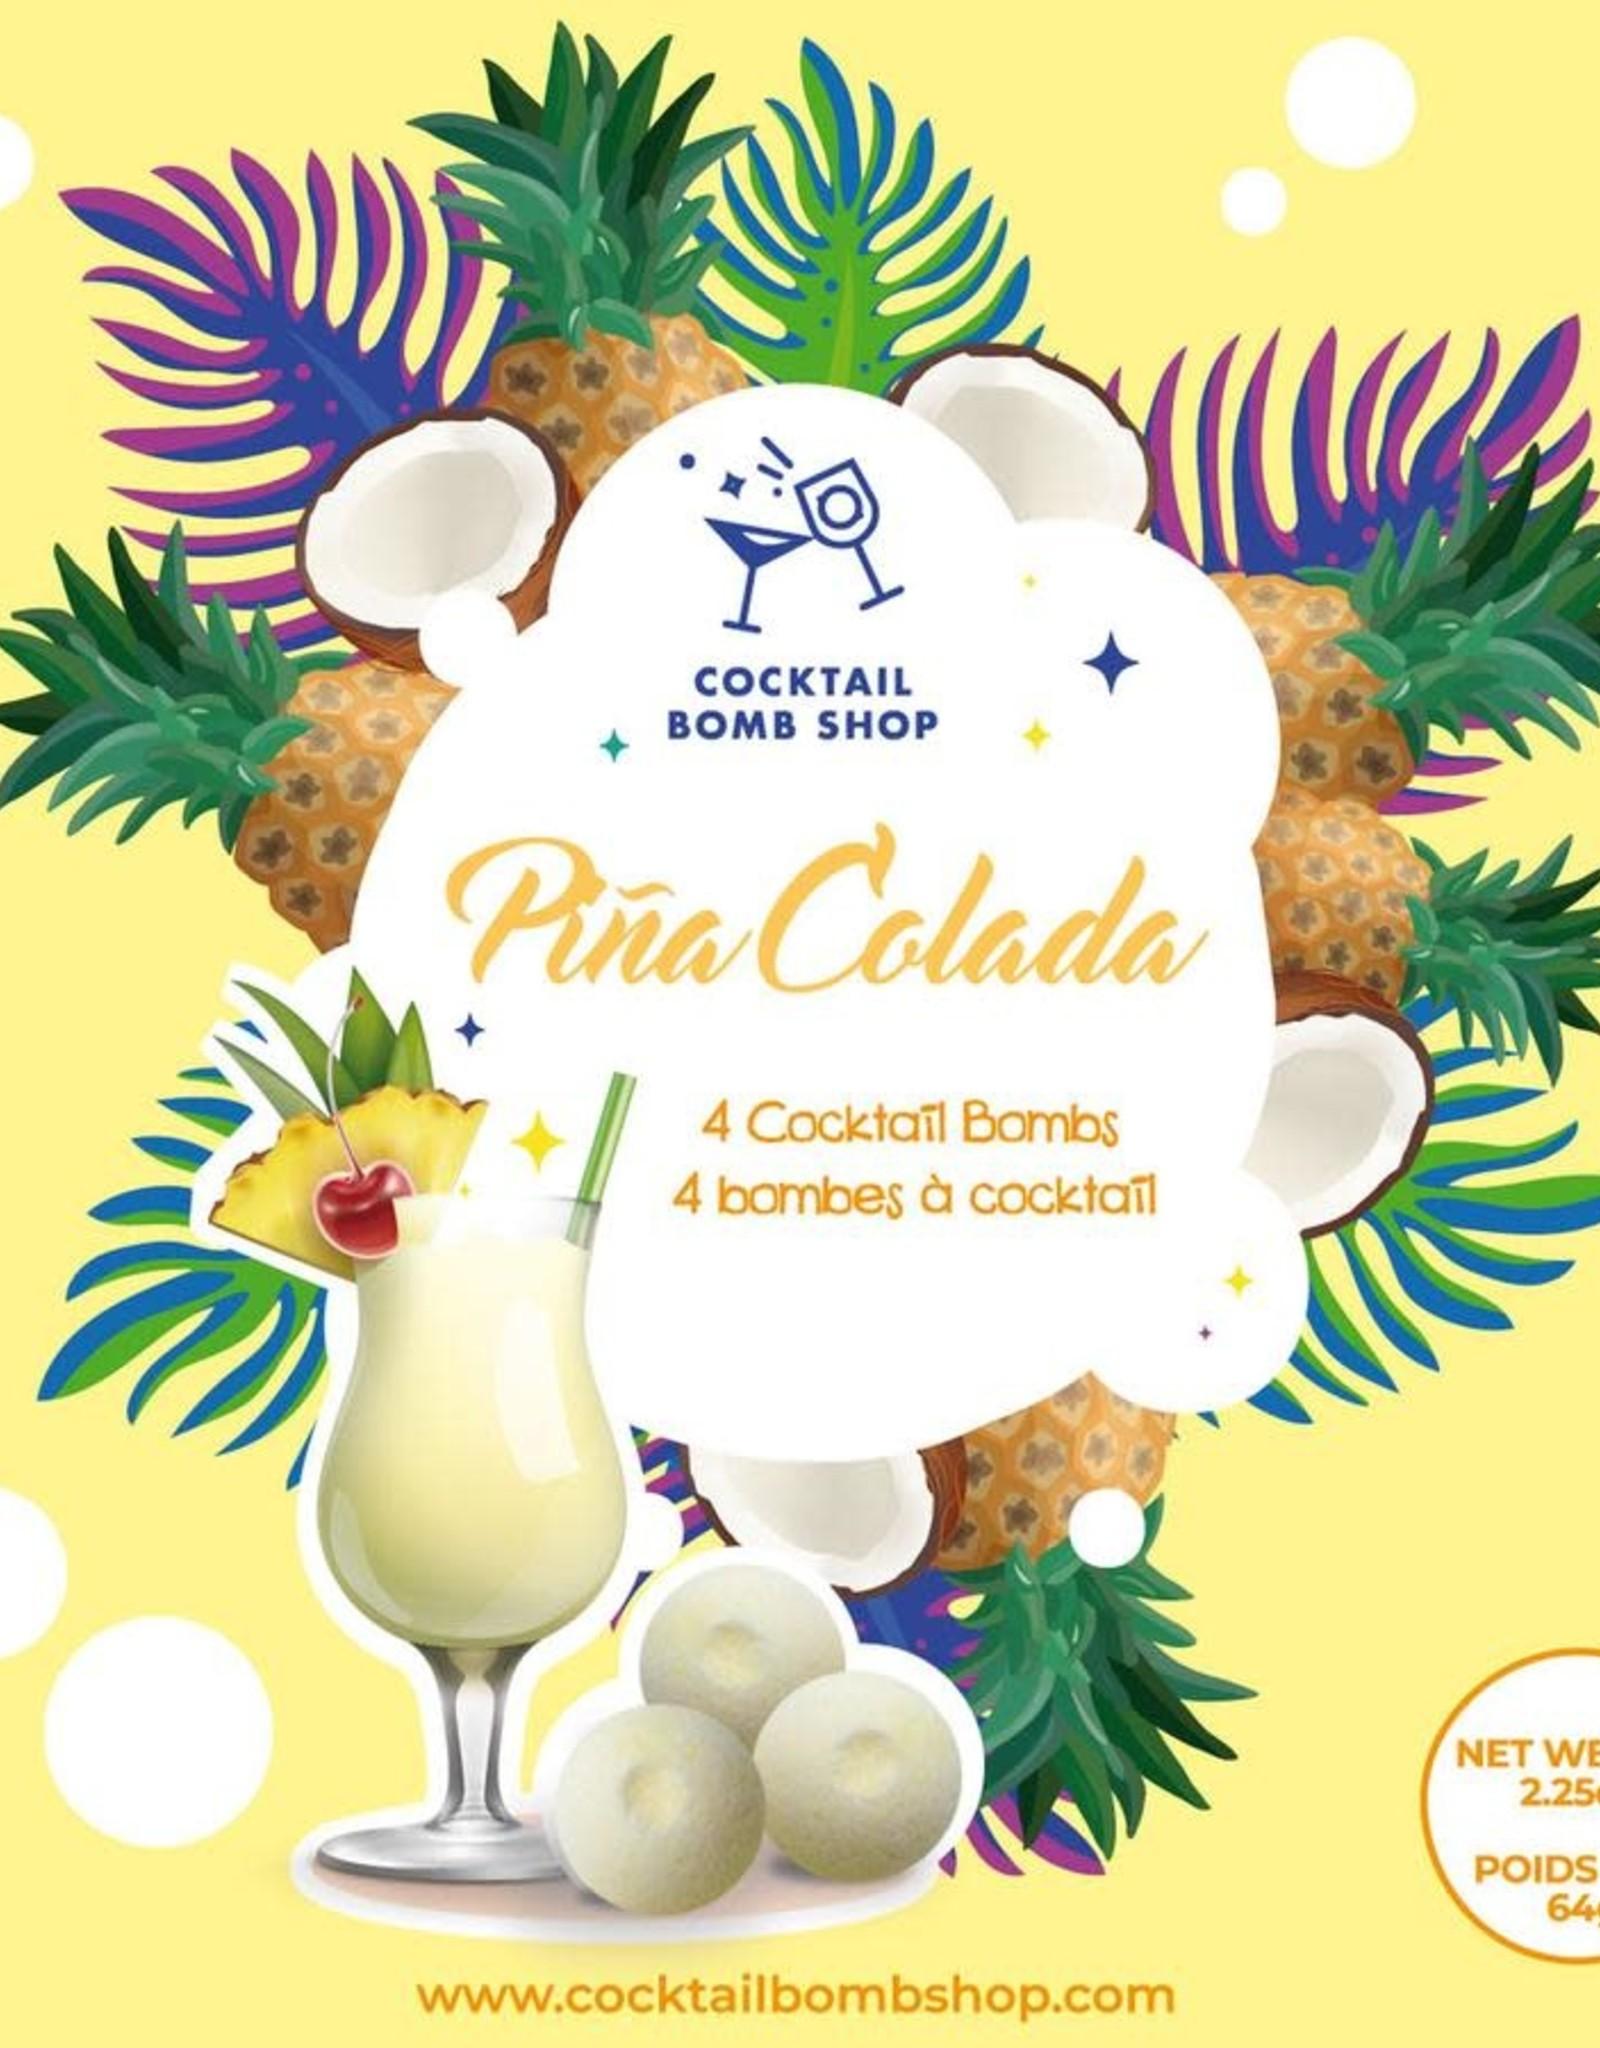 Cocktail Bomb Shop Bombe à cocktail - Piña Colada - Boîte de 4